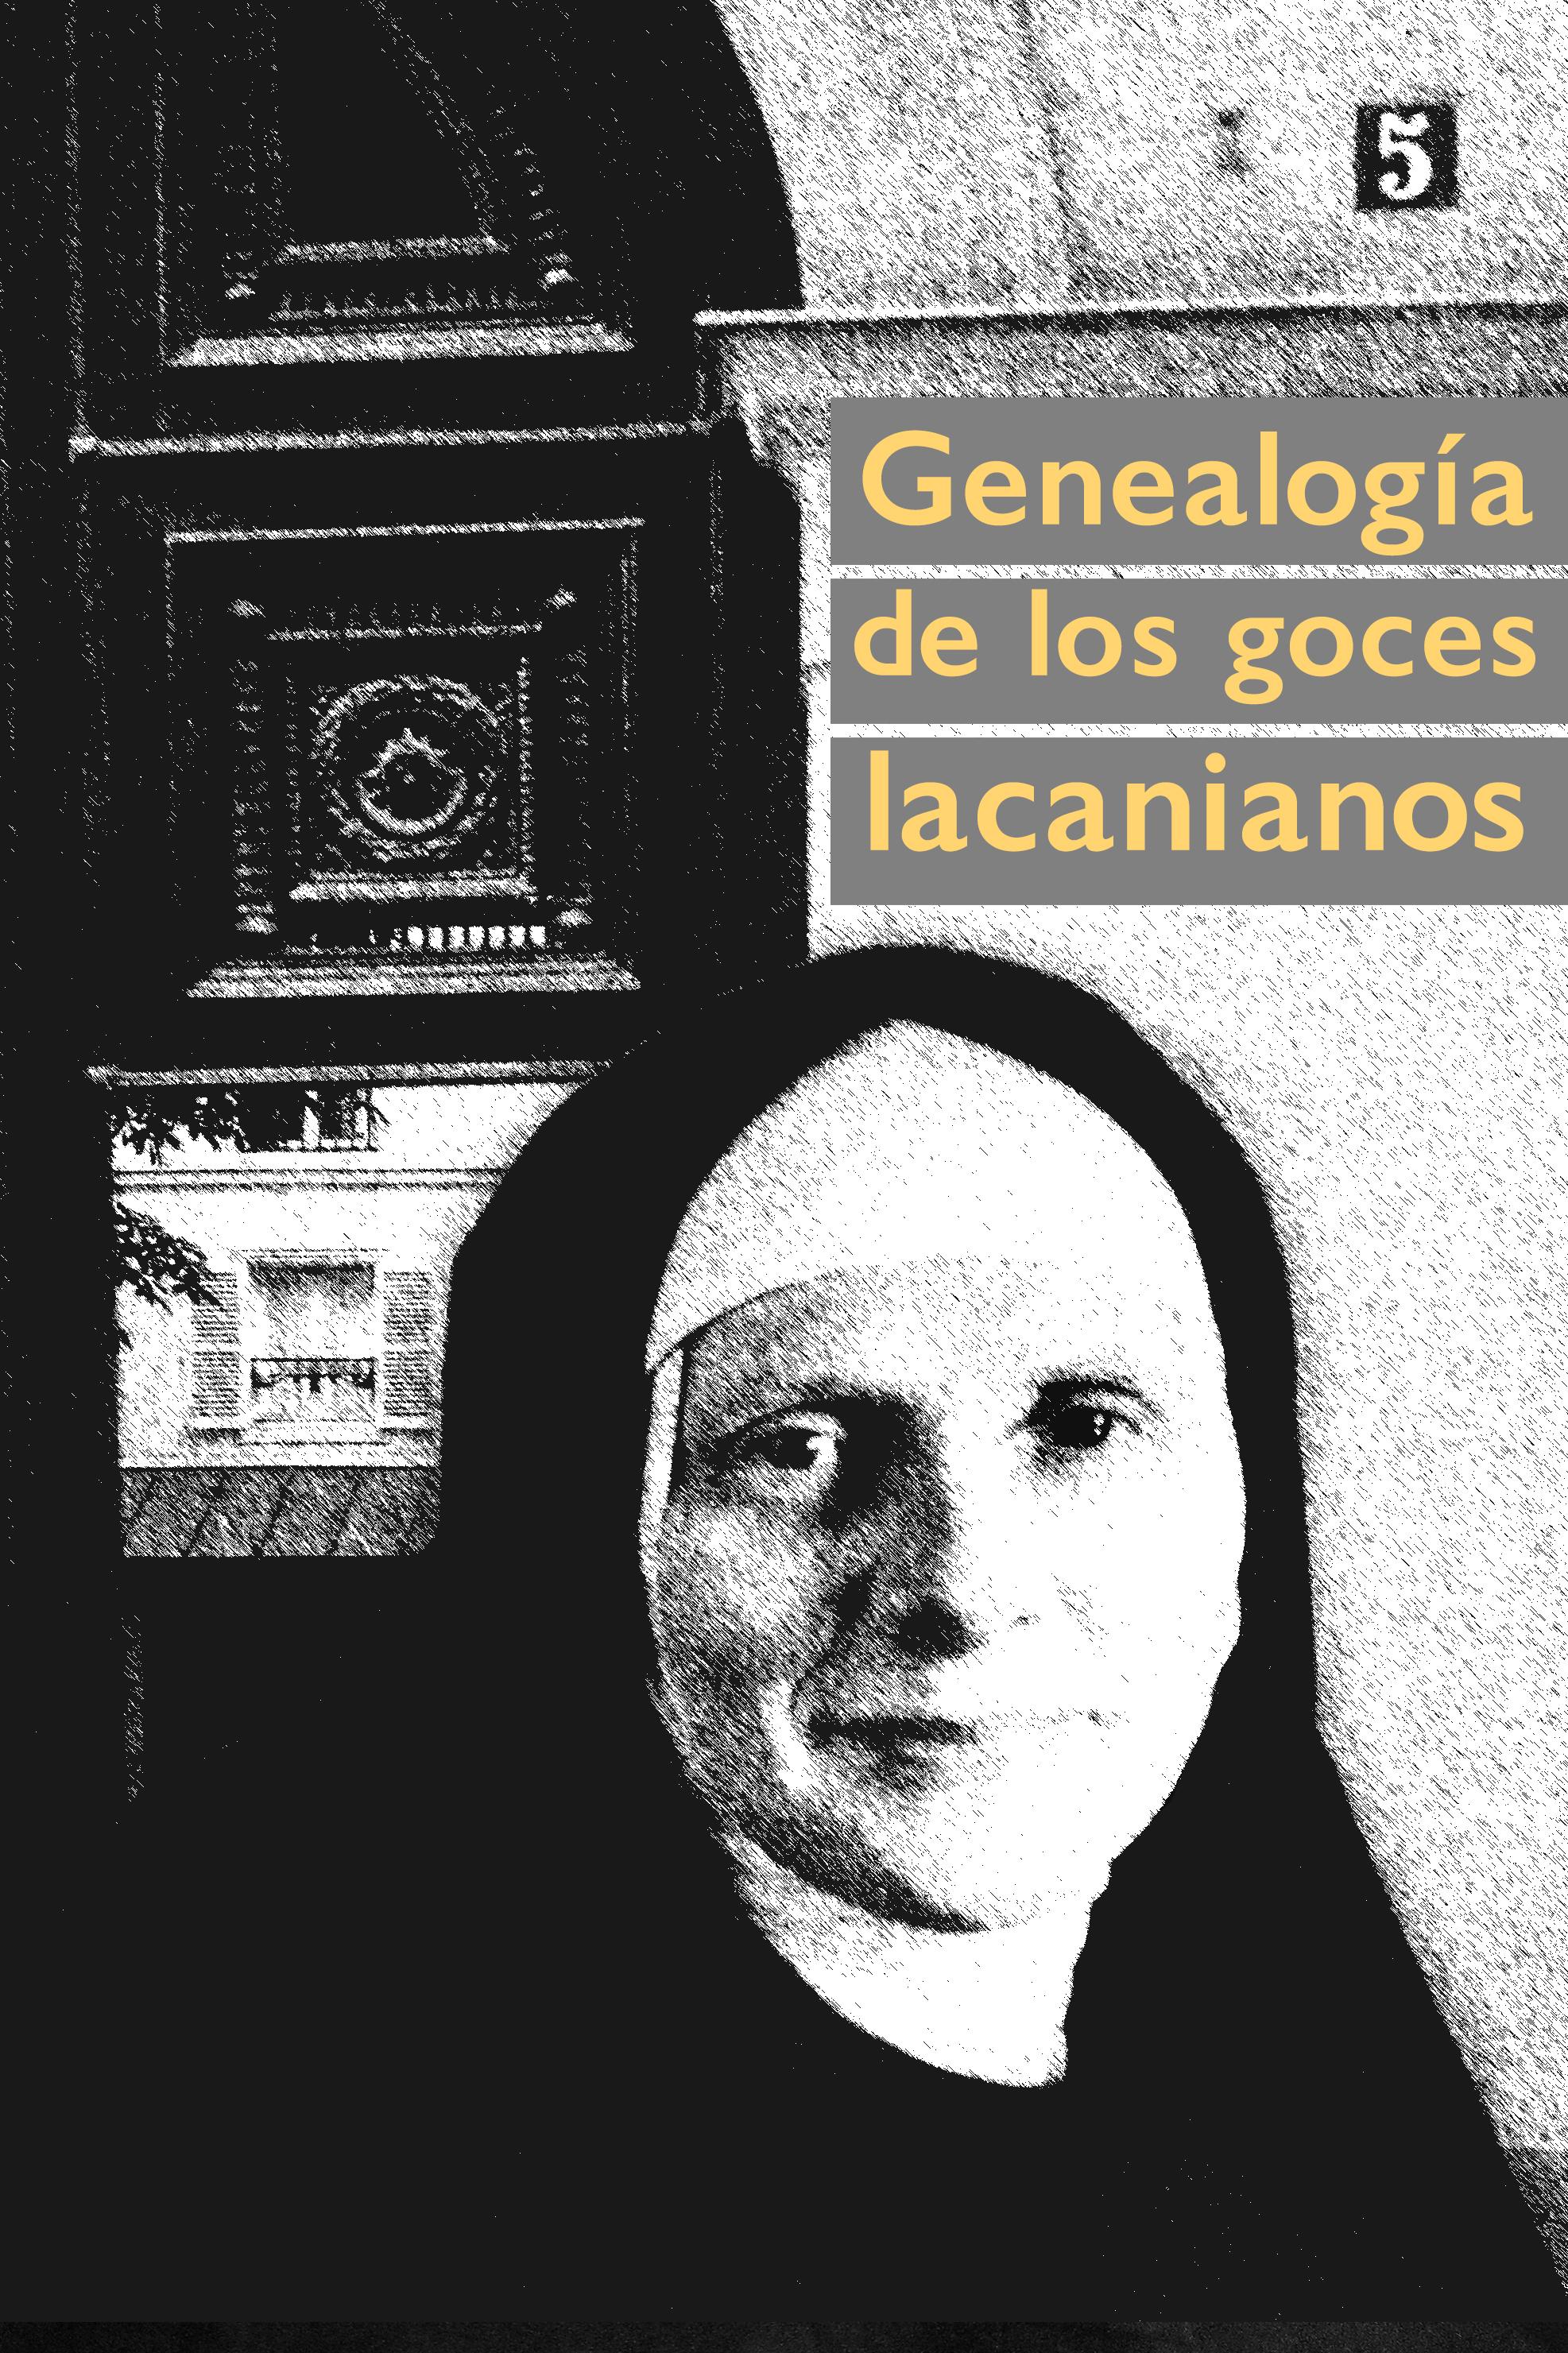 GENEALOGÍA DE LOS GOCES LACANIANOS